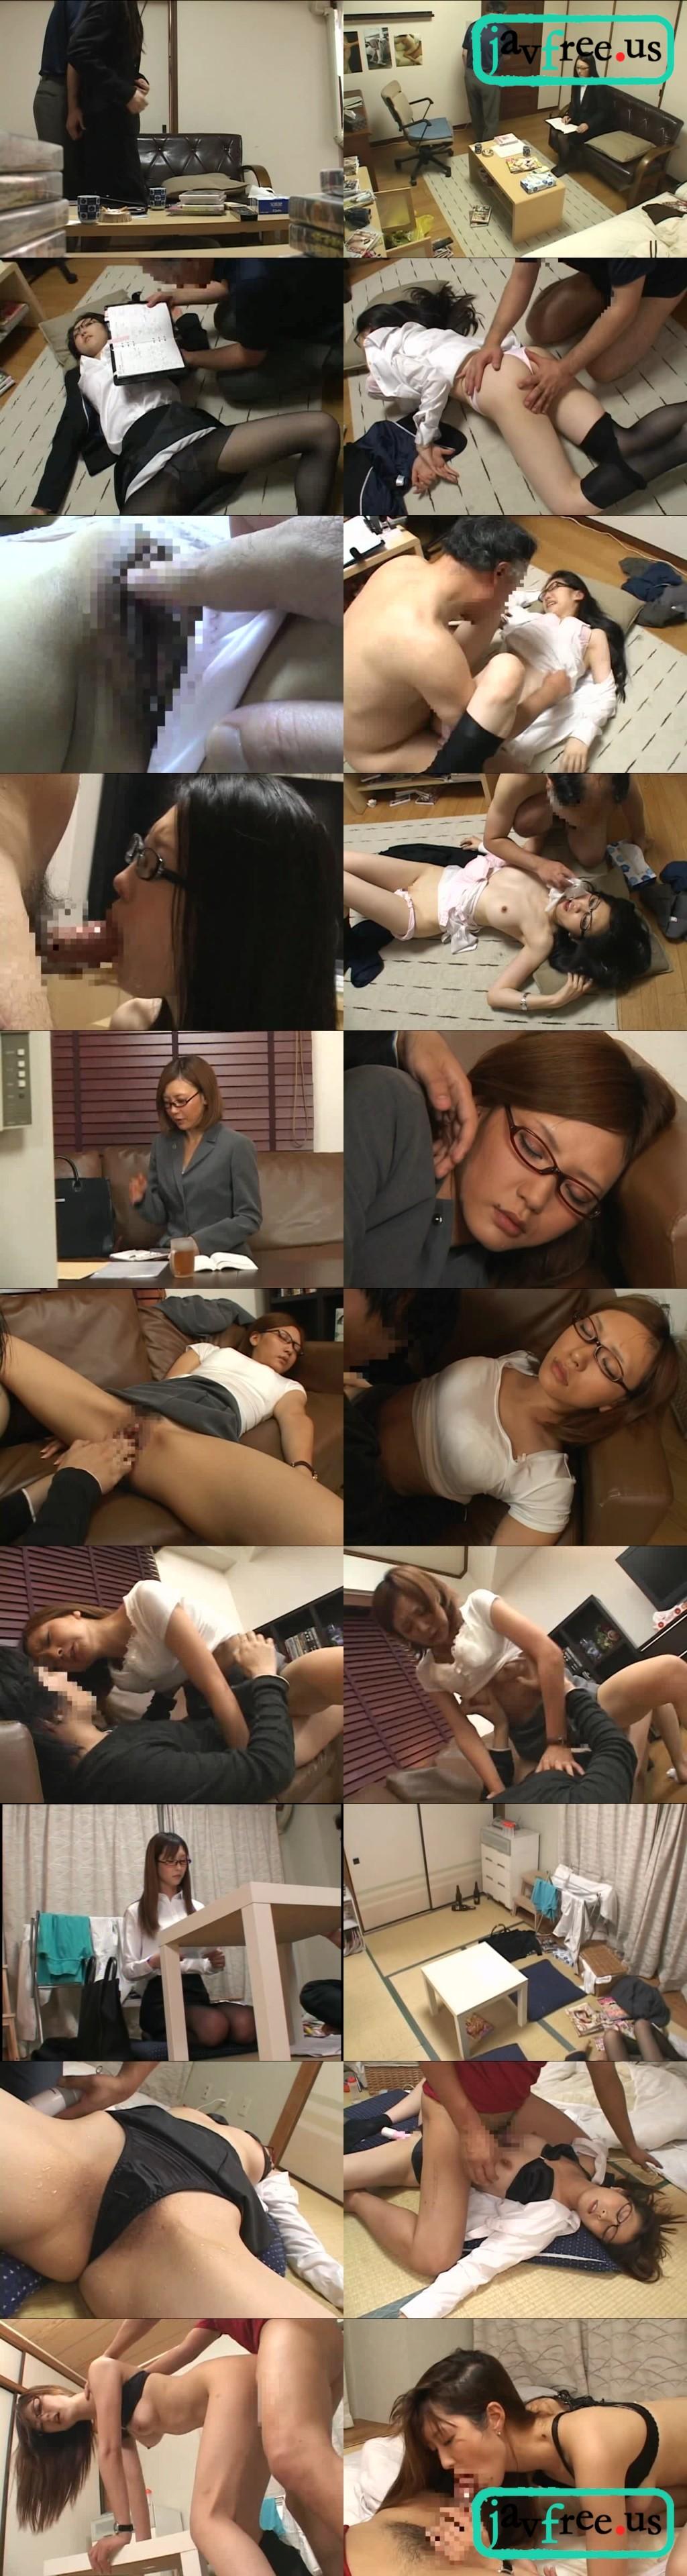 [NHDTA 185] 女弁護士を薬で眠らせている間にハメたら目覚めた瞬間!!!感じまくって焦った NHDTA